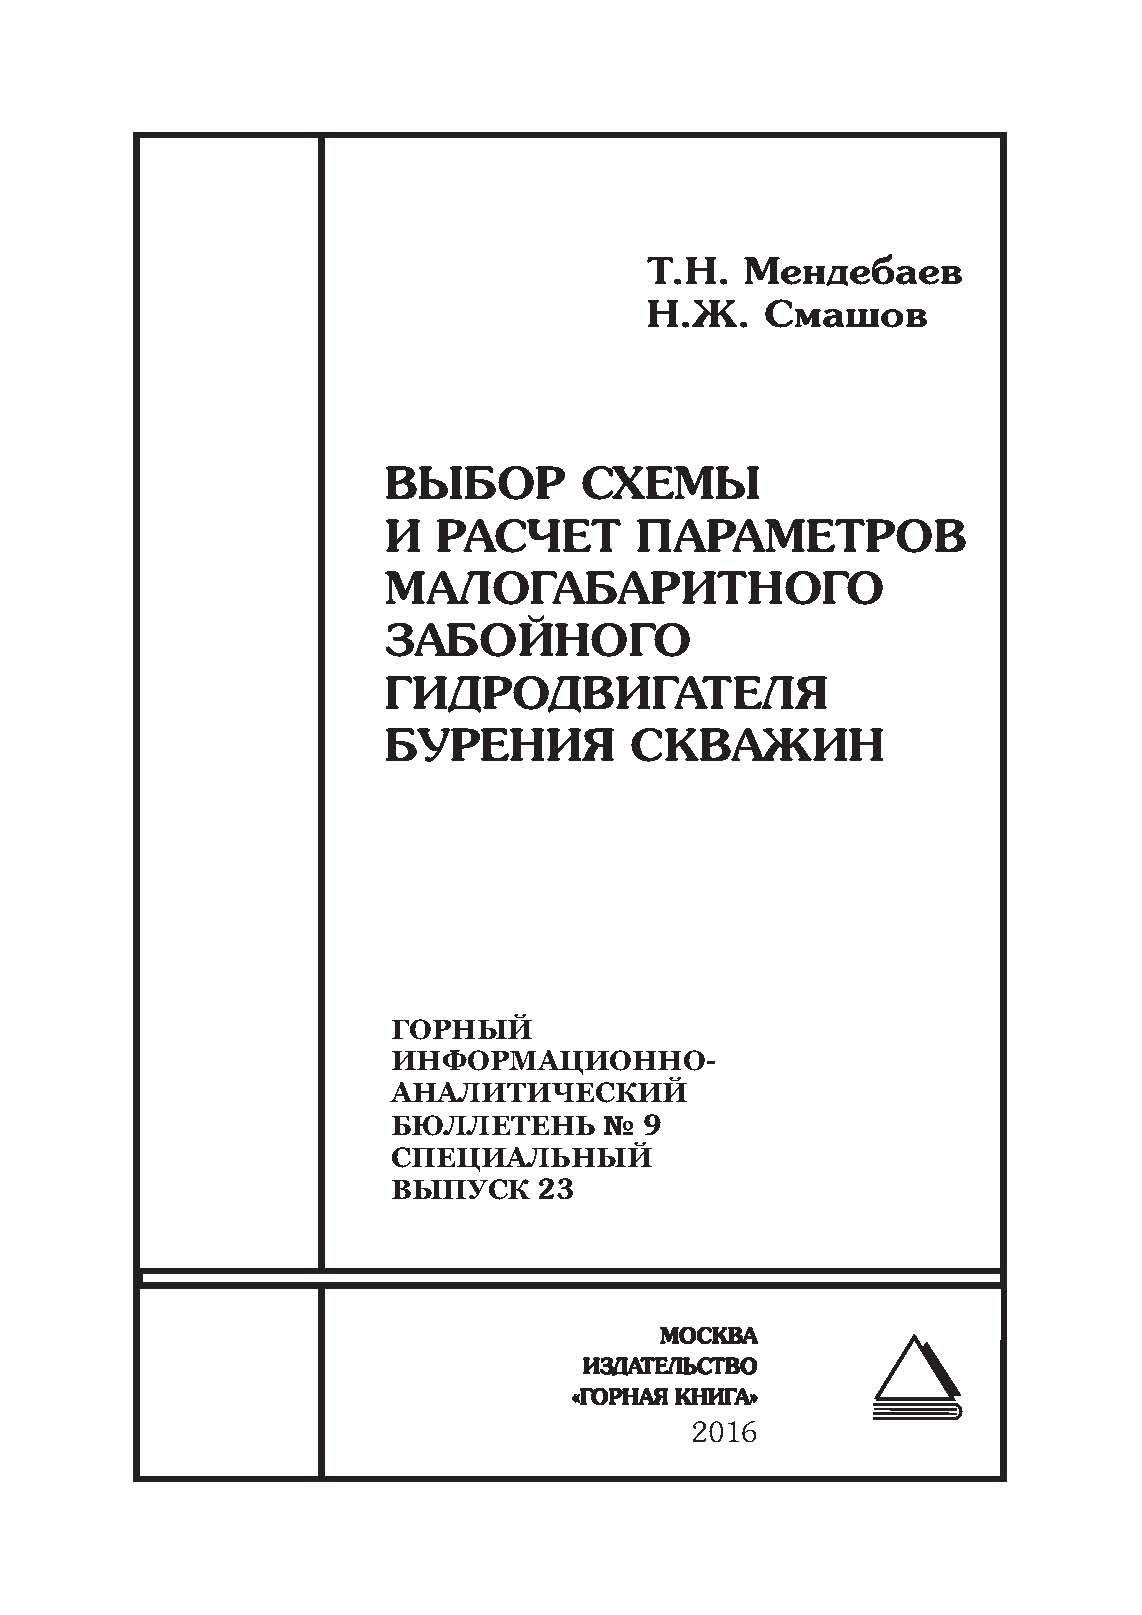 Т. Н. Мендебаев Выбор схемы и расчет параметров малогабаритного забойного гидродвигателя бурения скважин